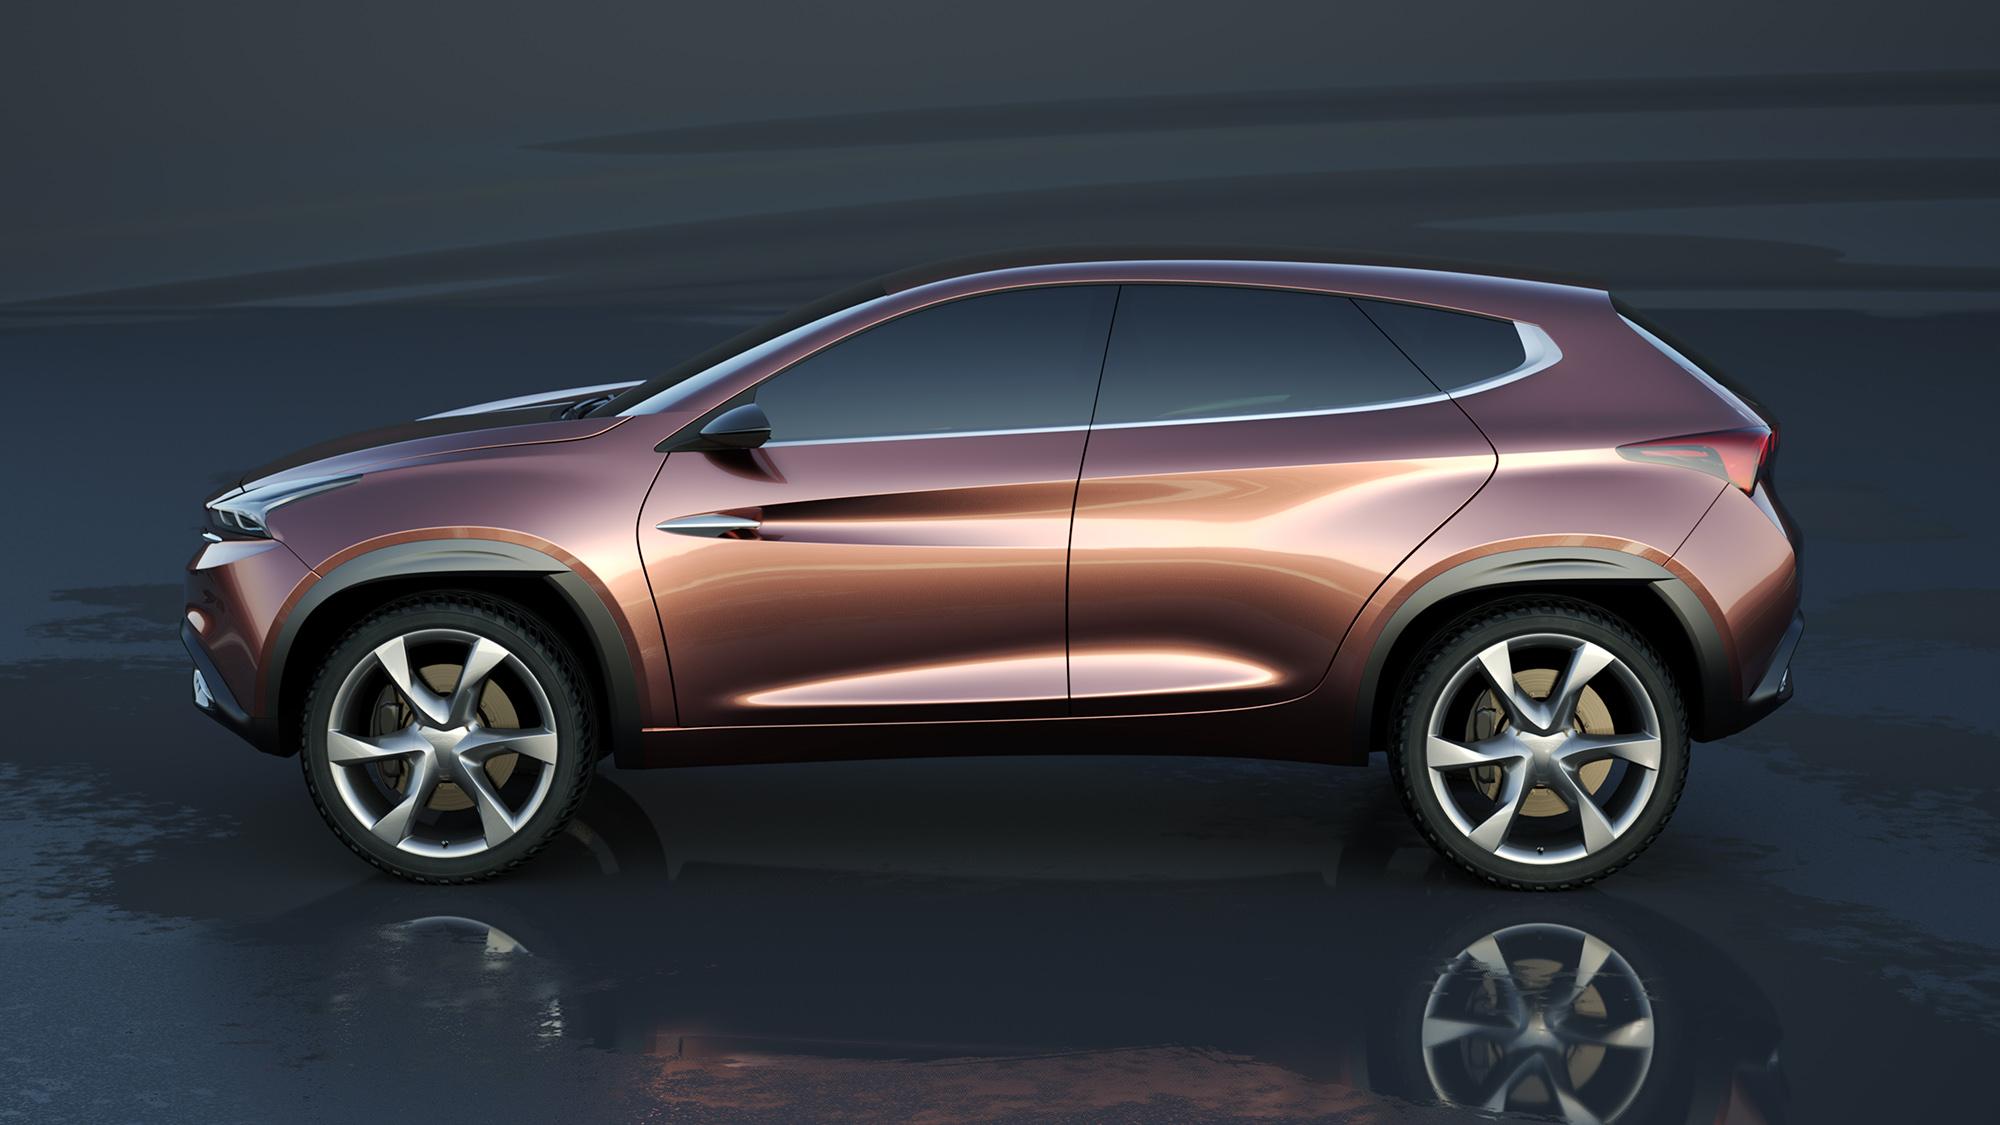 Chery Tiggo - A design for a sportive chinese SUV